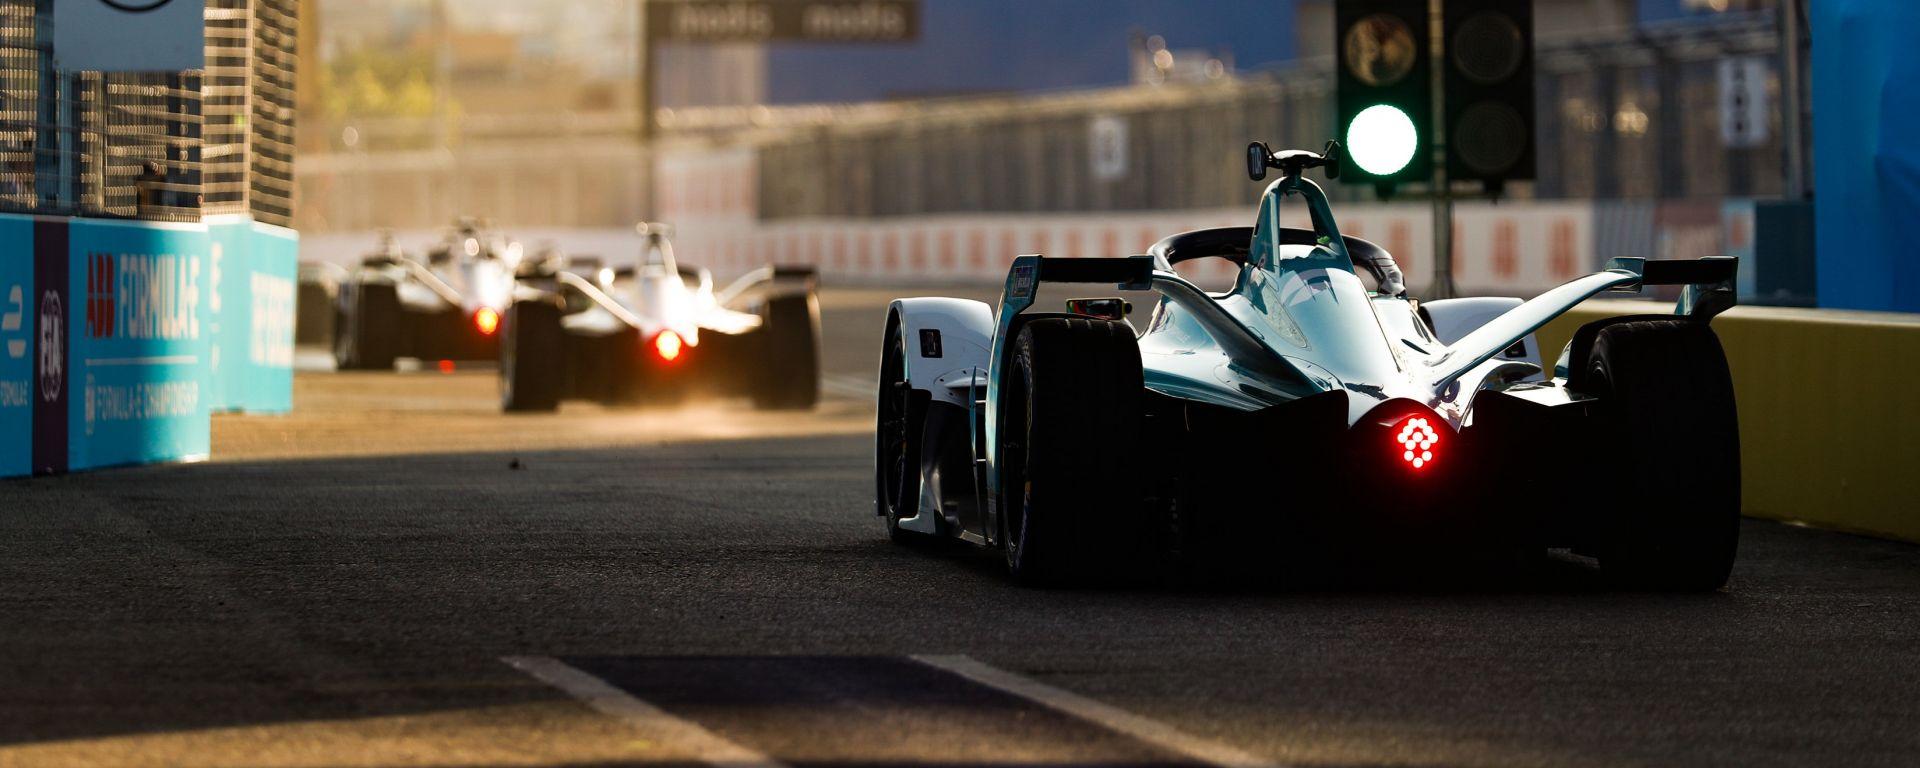 Formula E, le auto elettriche in pista sul tracciato di New York